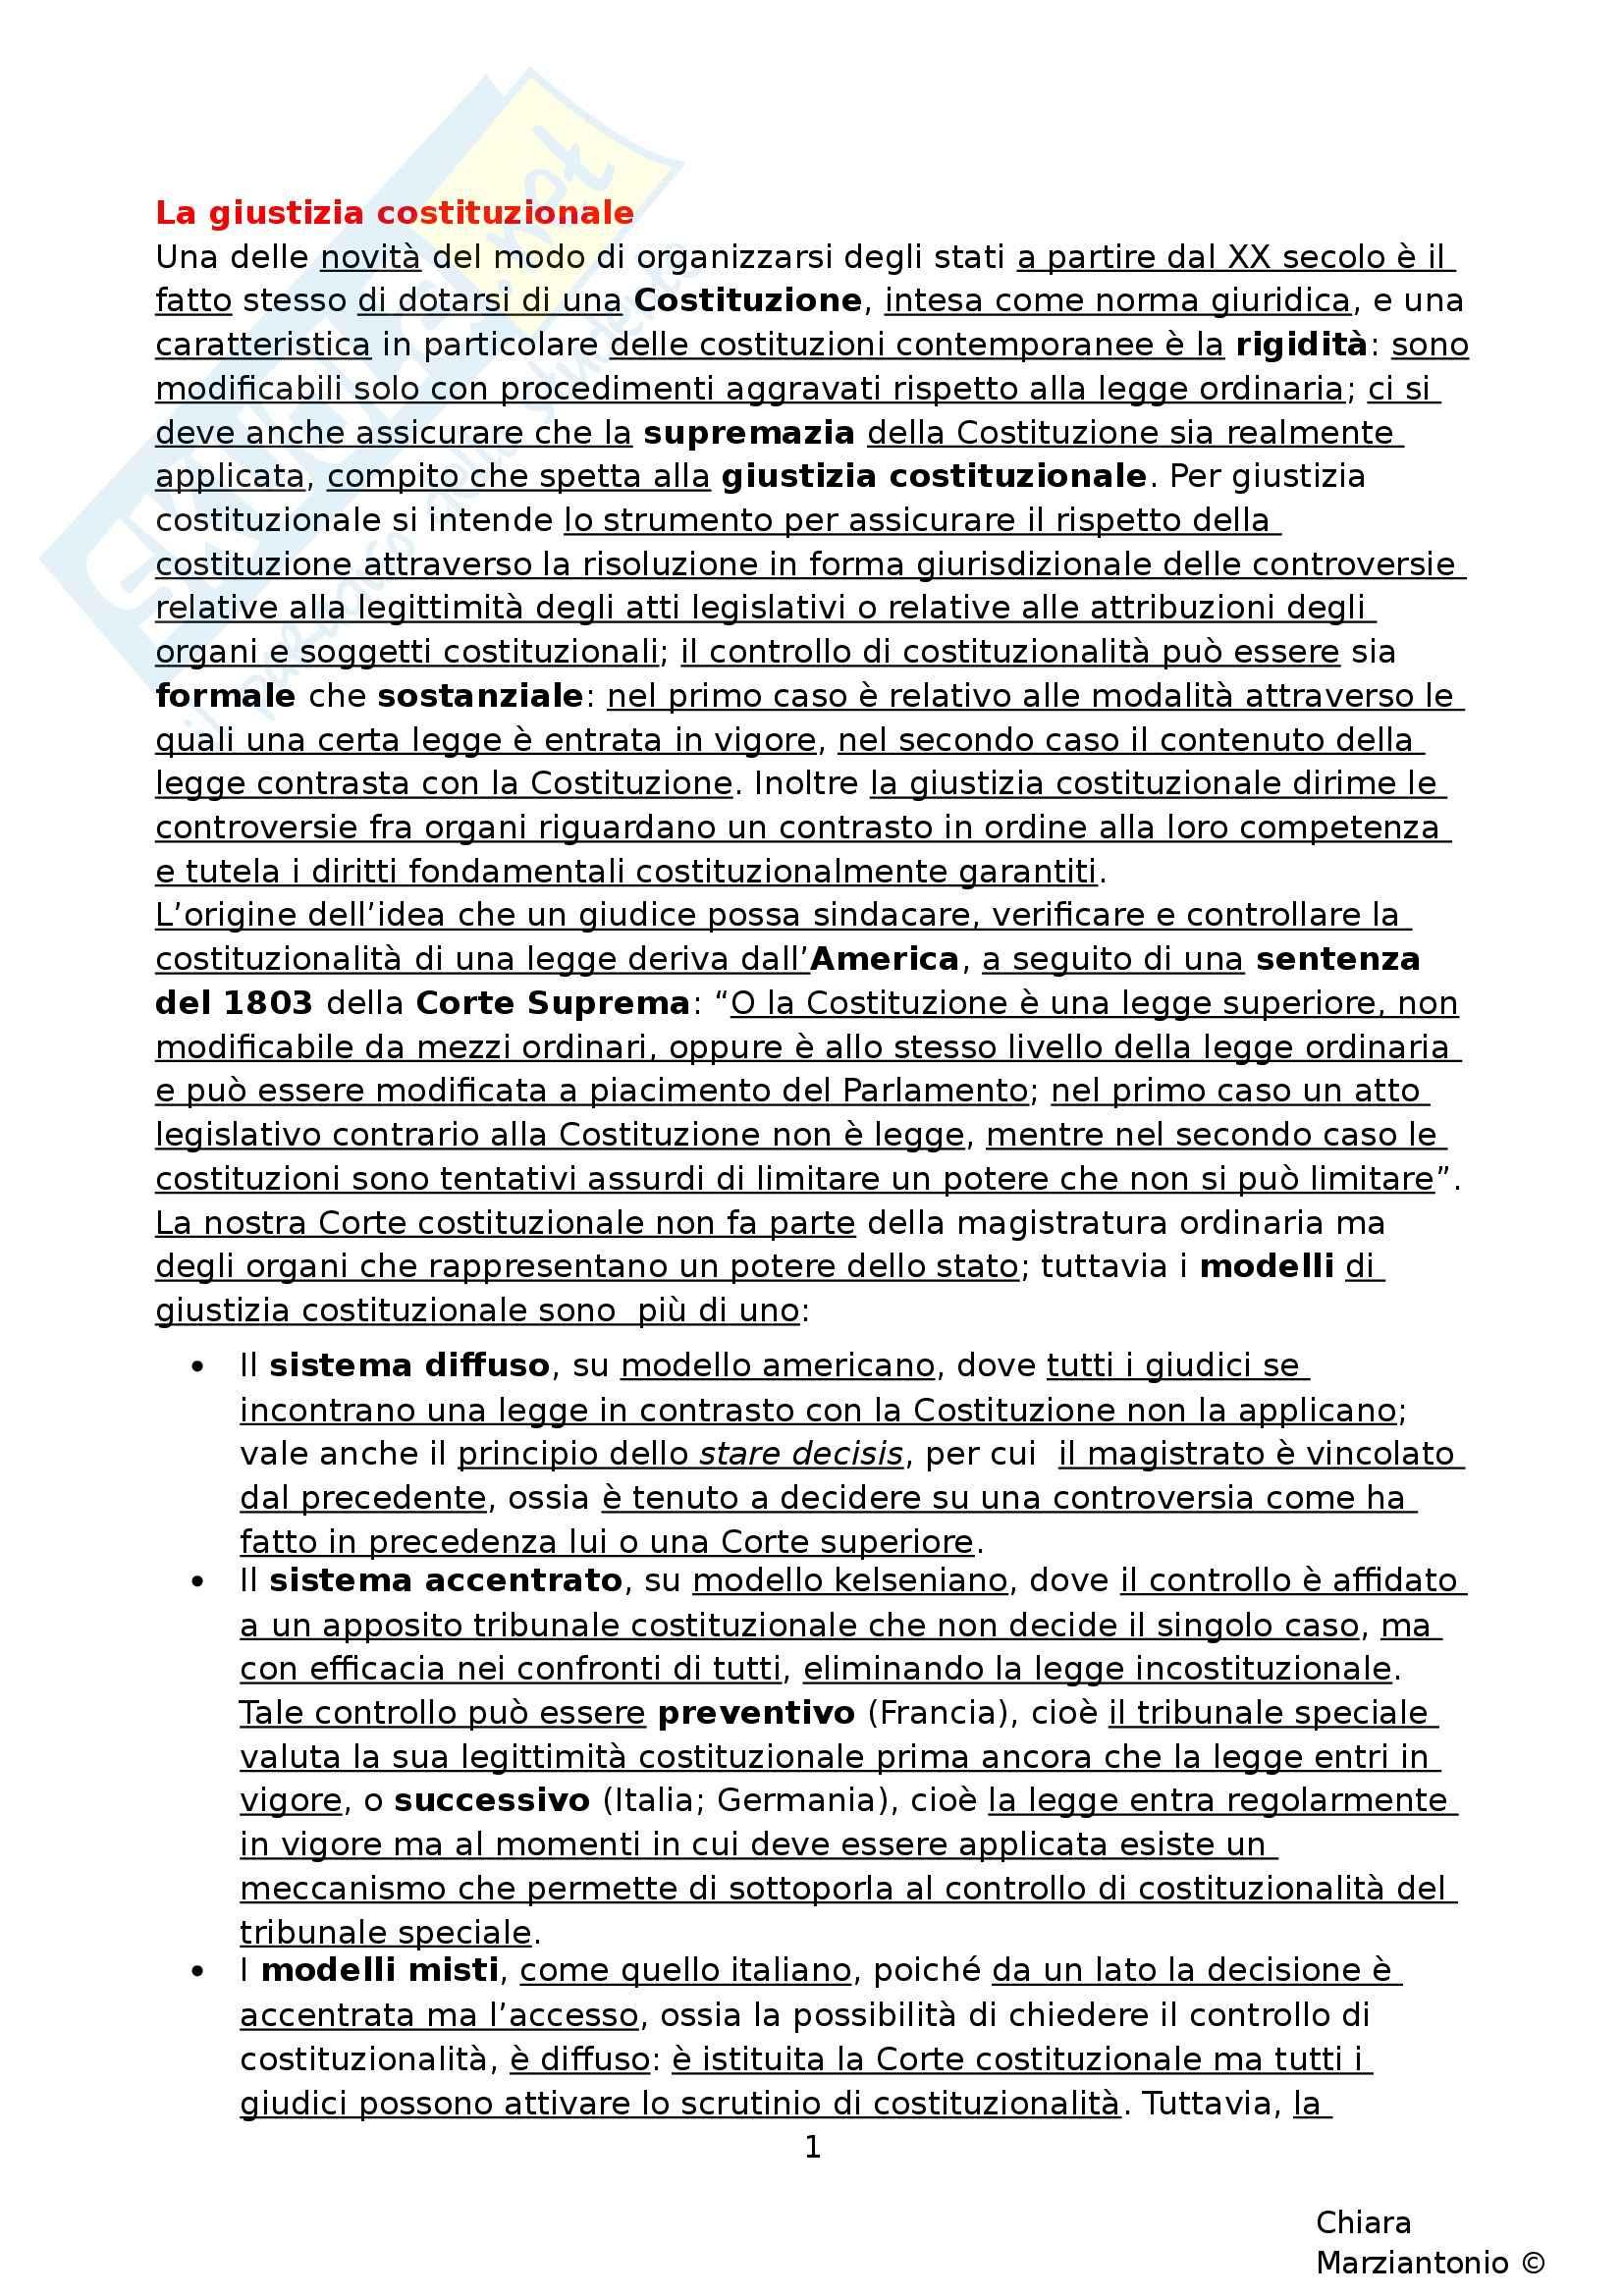 Riassunto esame Istituzioni di Diritto Pubblico, prof. Fusaro, libro consigliato Corso di Diritto Pubblico, Barbera, Fusaro - cap. 15